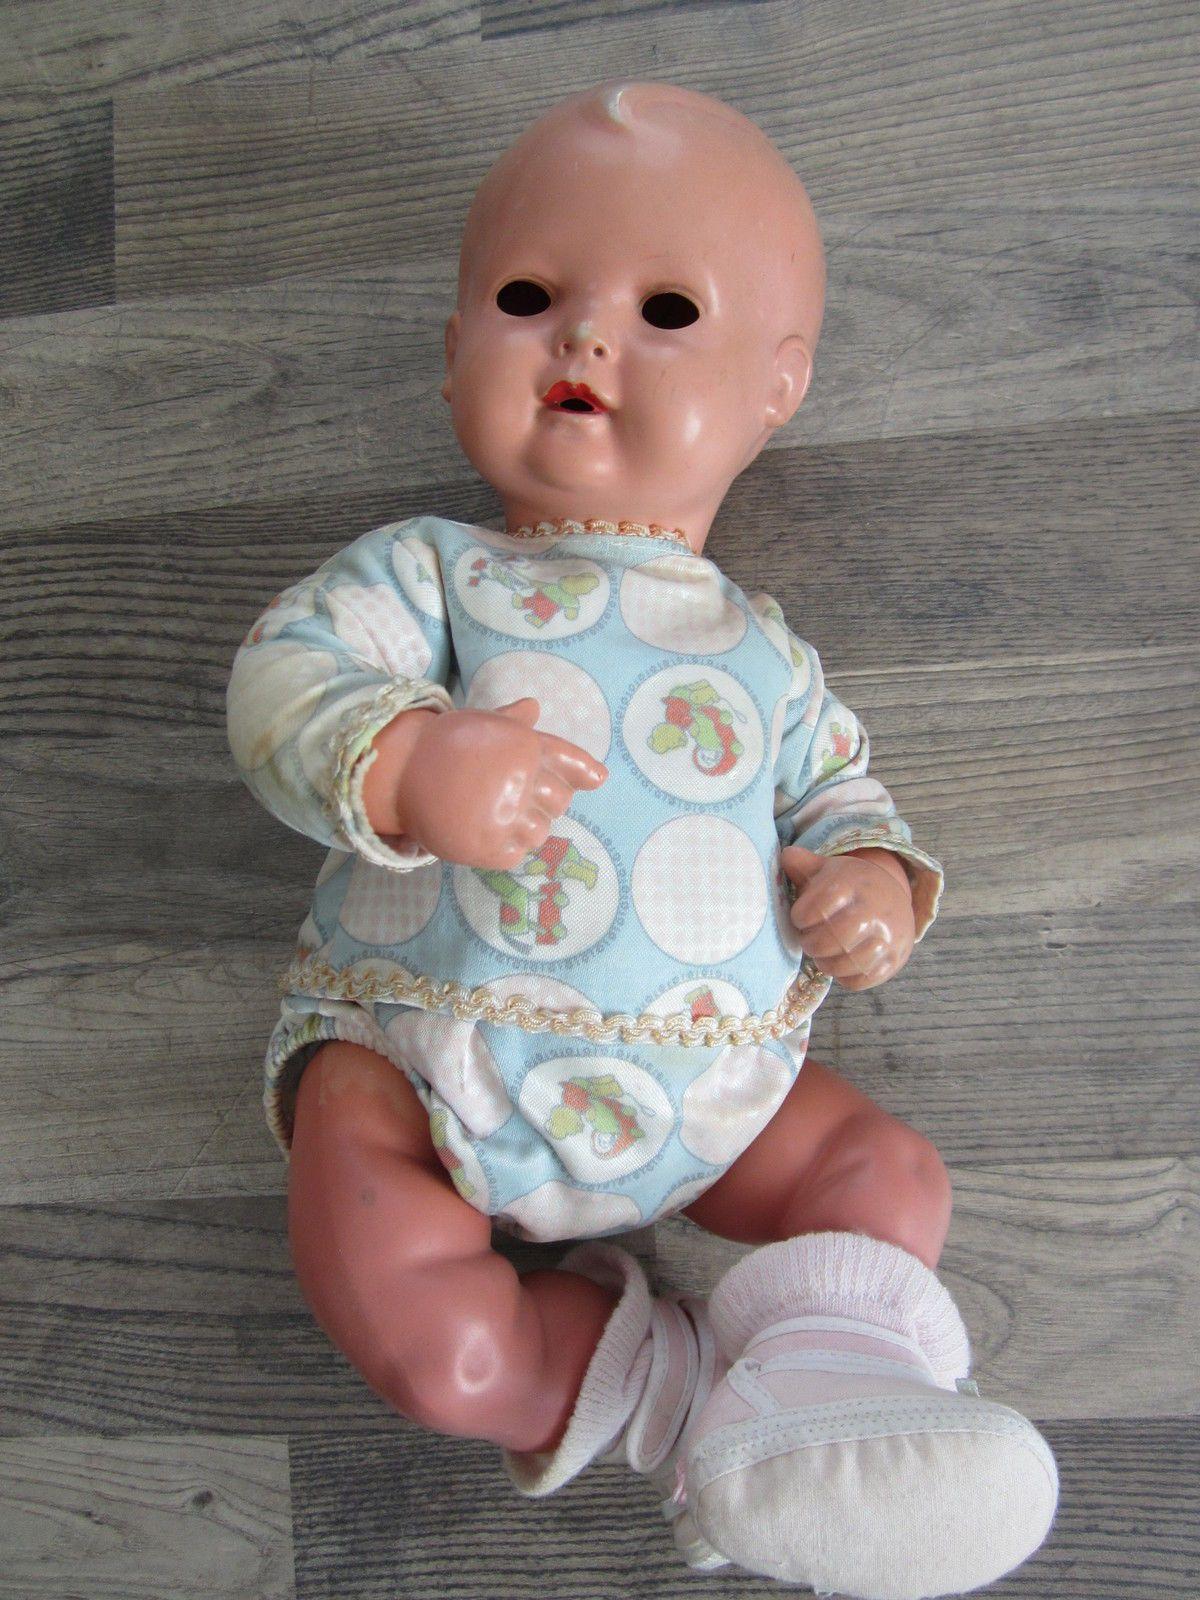 Puppe Schildkröt T35 | eBay